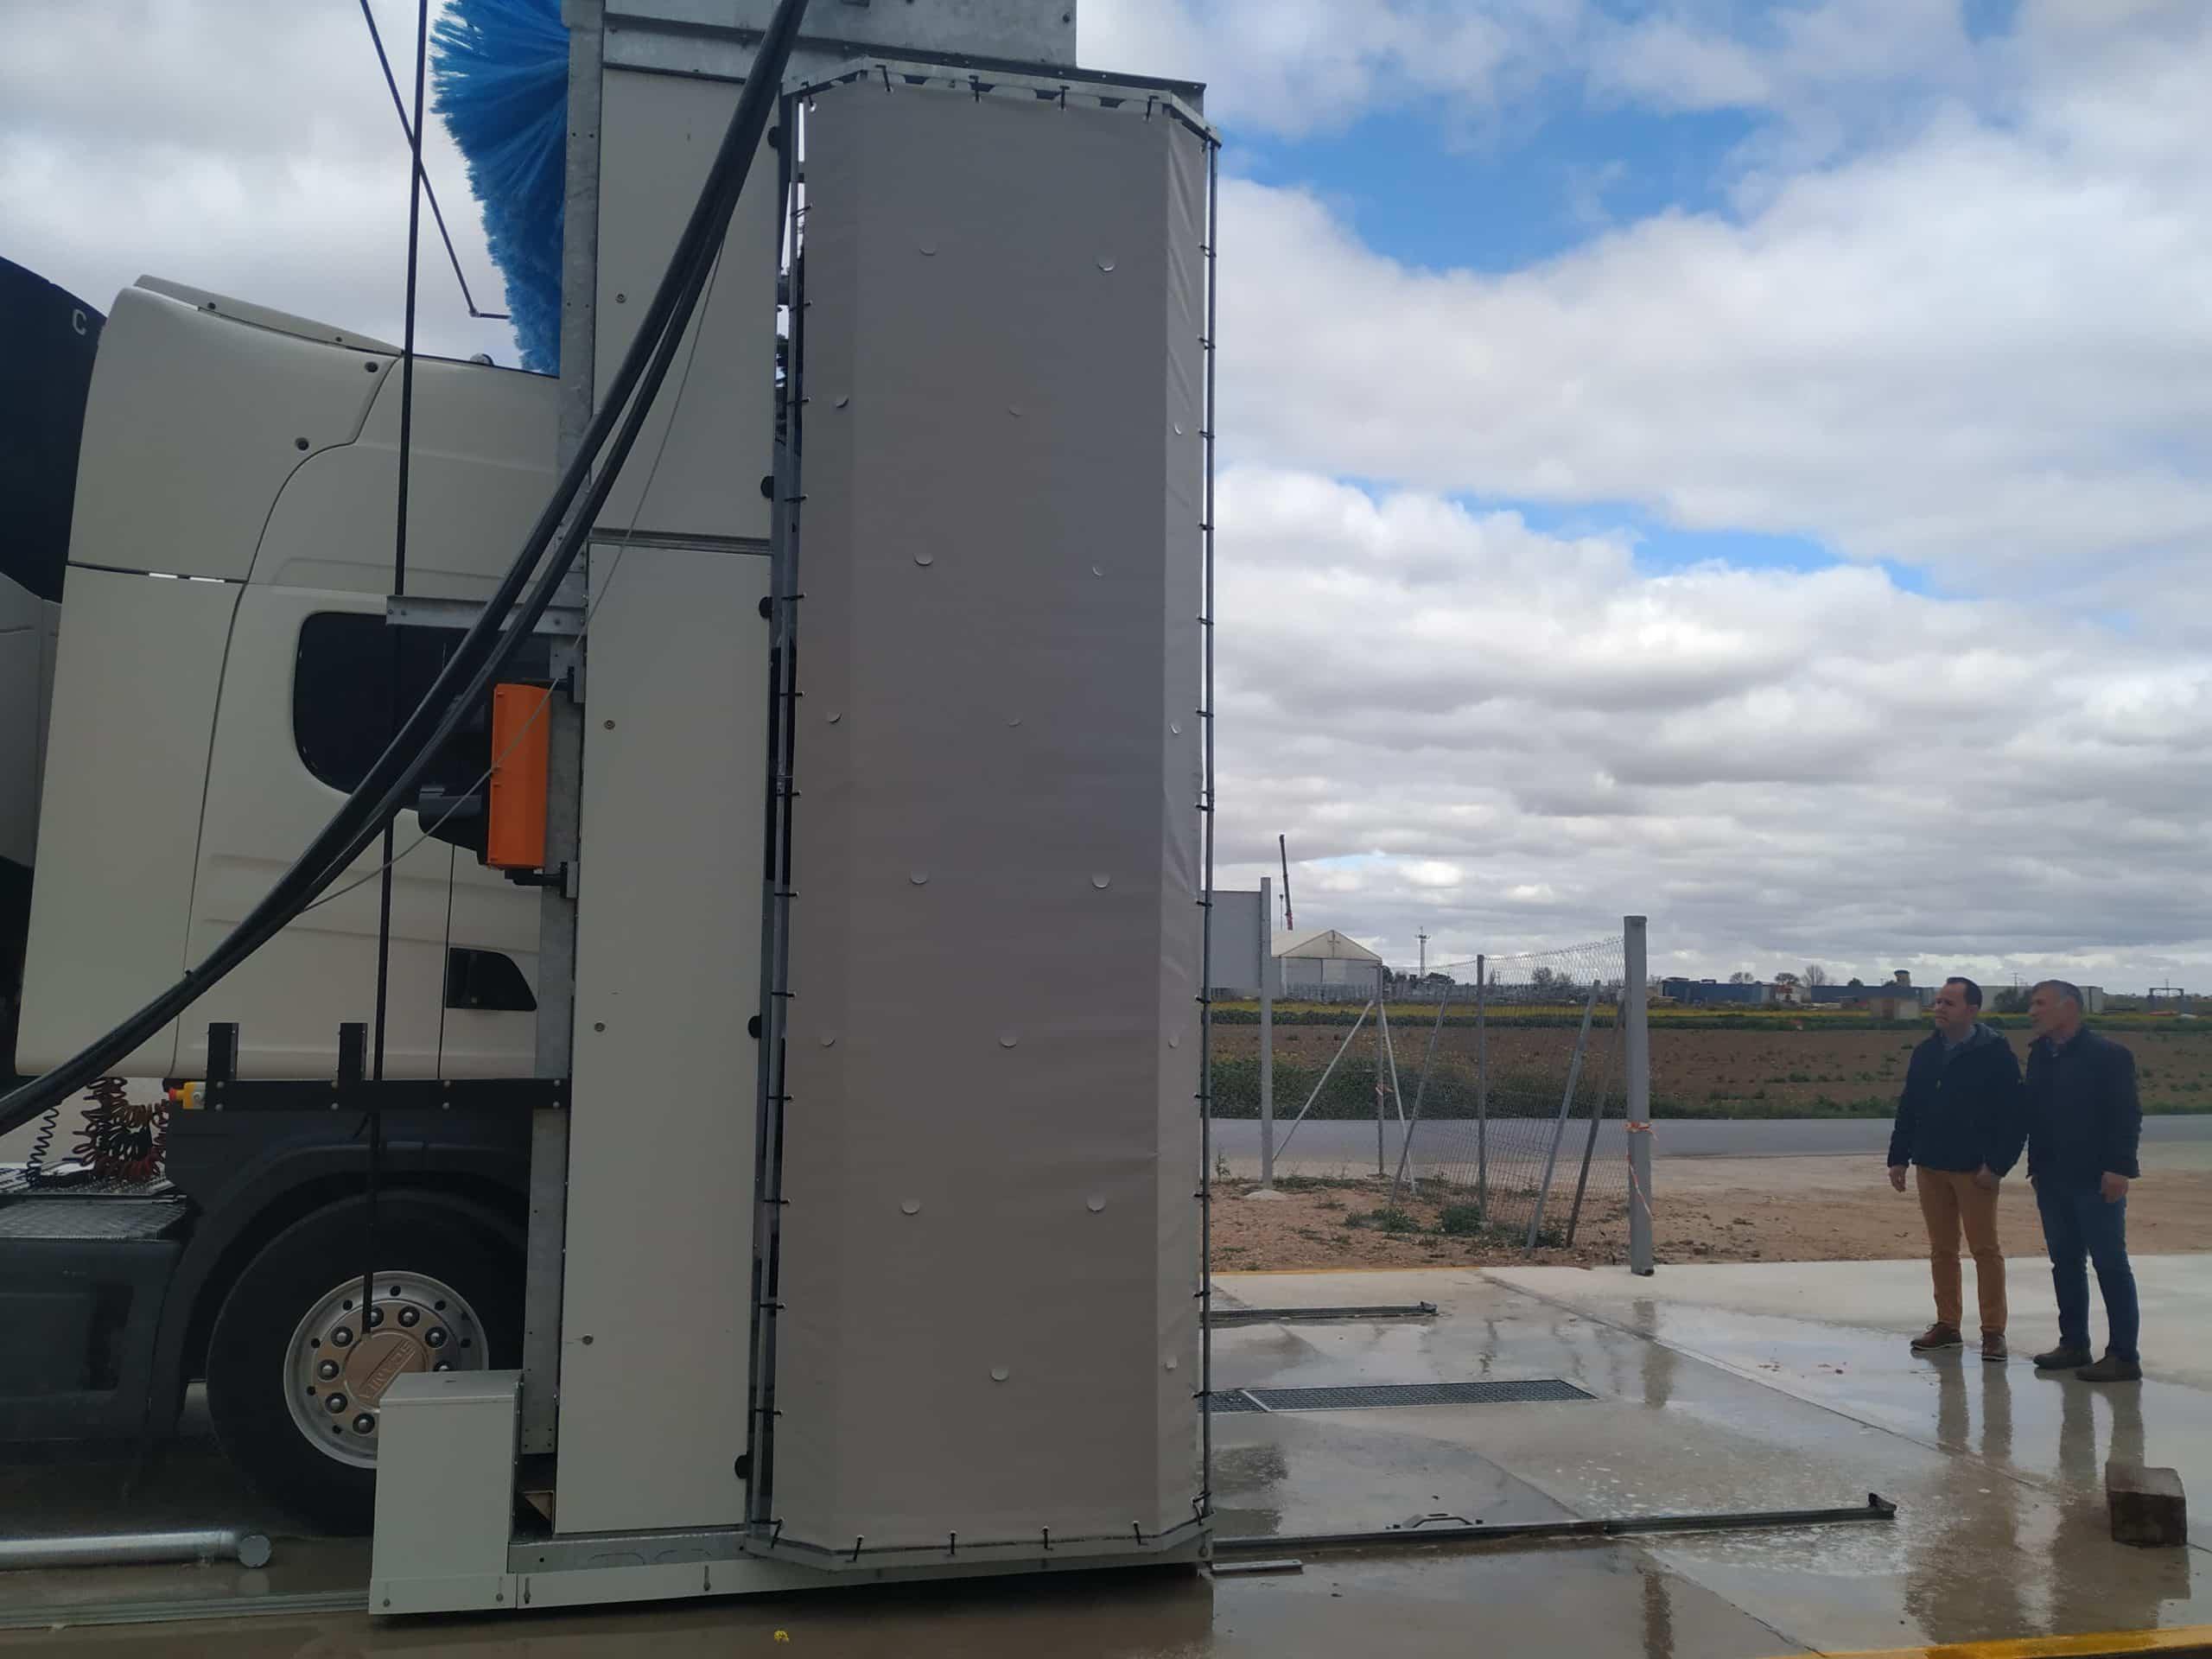 El lavadero público de camiones de Herencia entra en funcionamiento 6